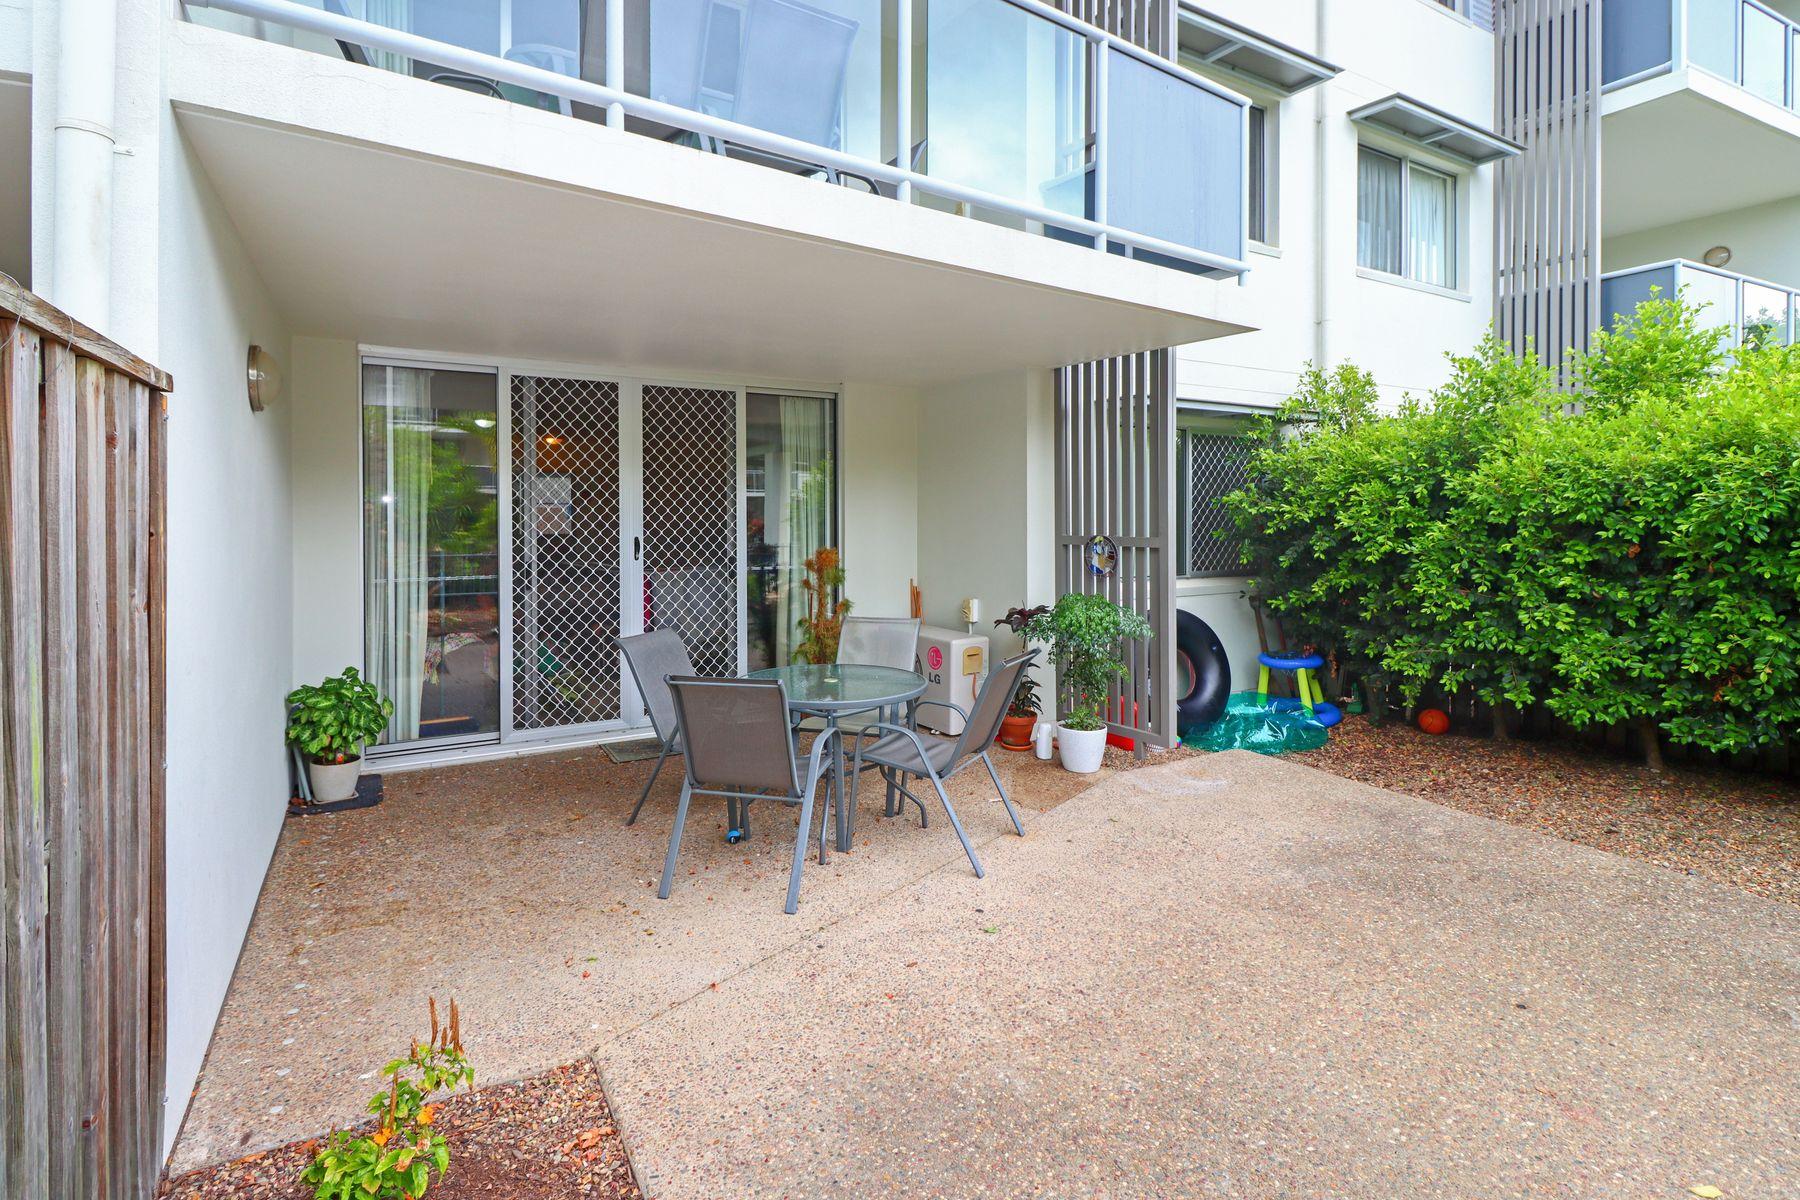 13/68 Pulgul Street, Urangan, QLD 4655